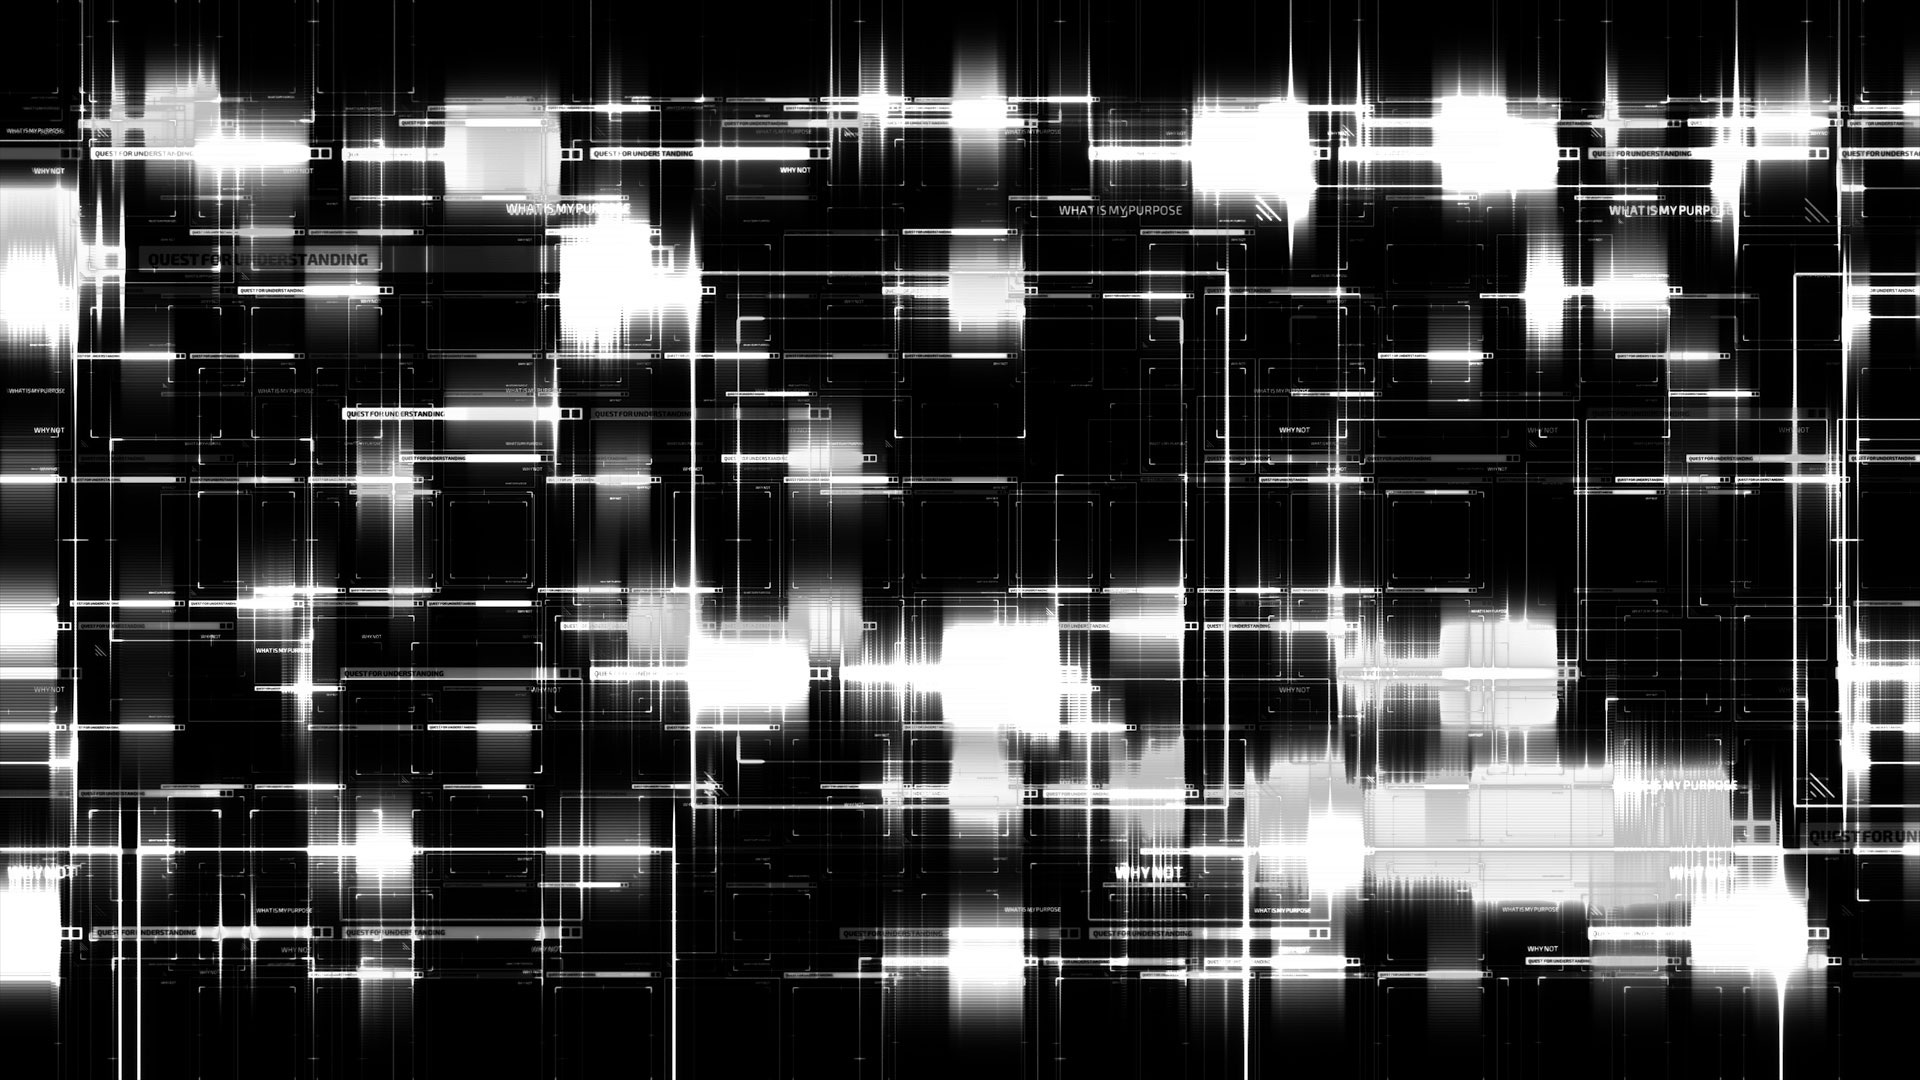 KZ_Cyberspace_06_Still004